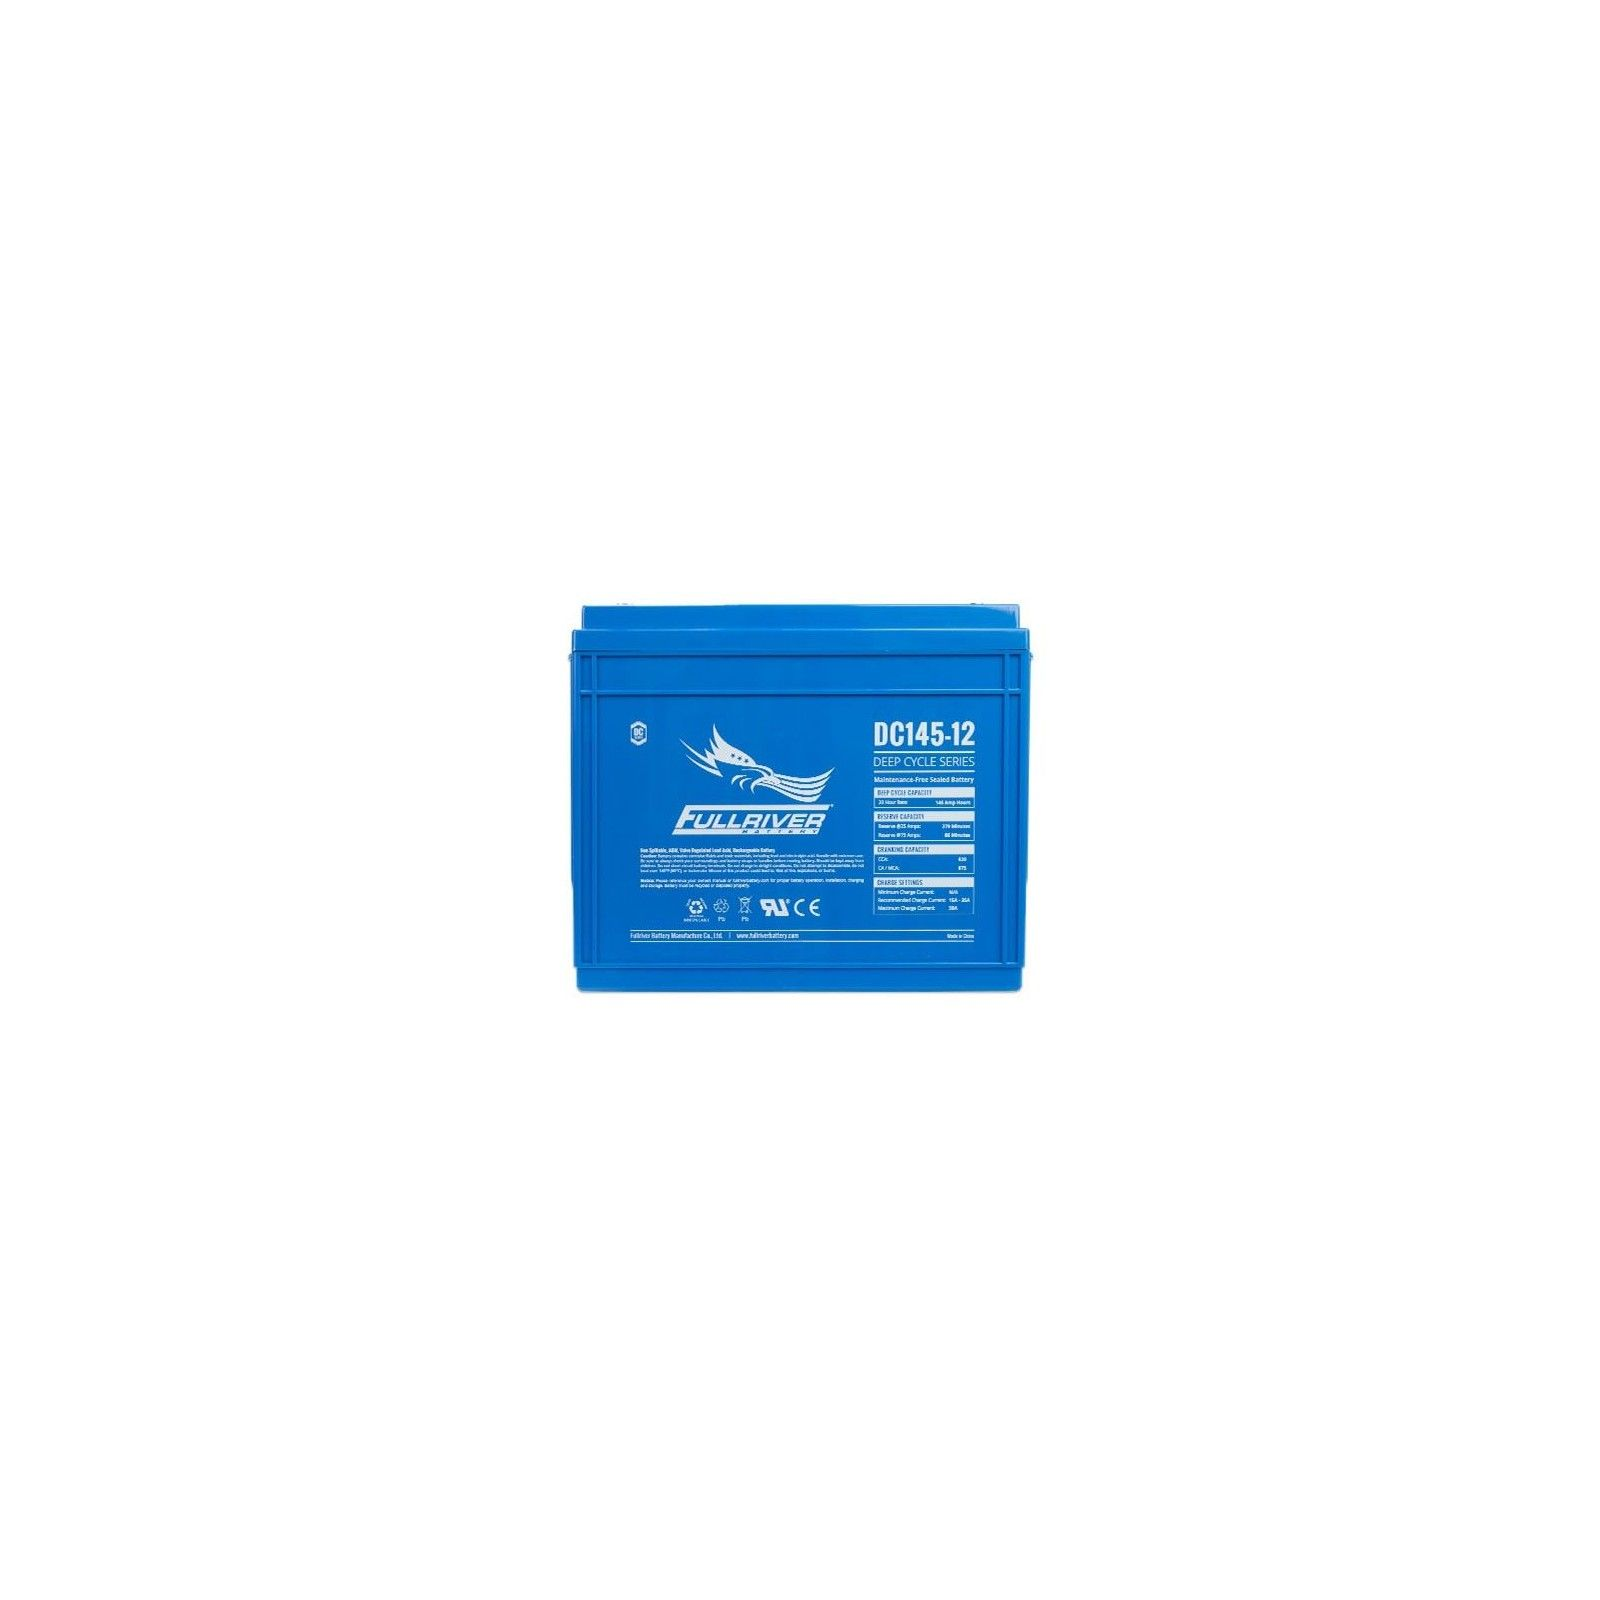 Batería Fullriver DC145-12 145Ah 820A 12V Dc FULLRIVER - 1